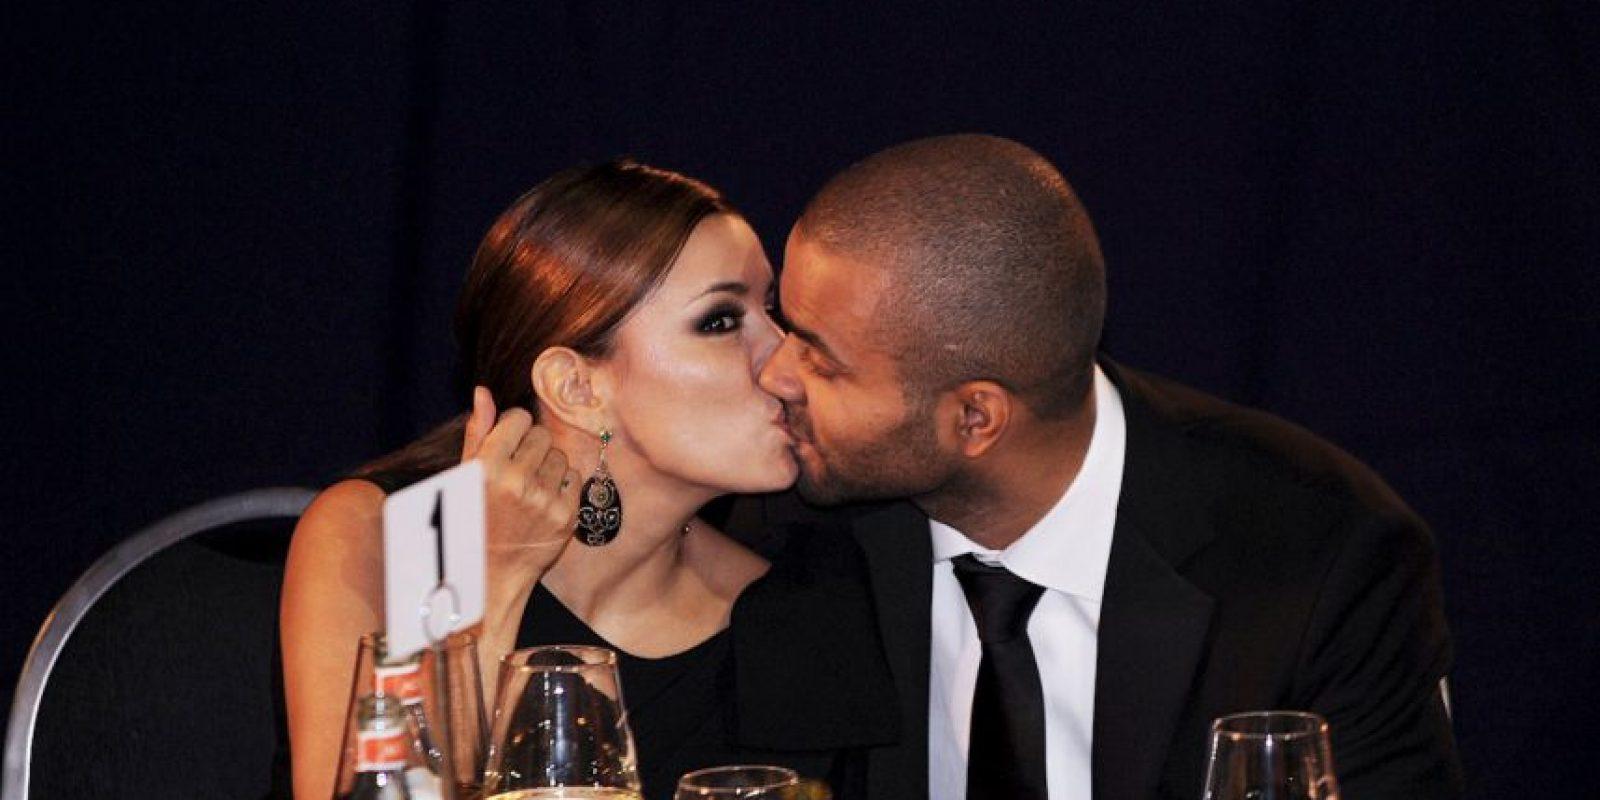 Sin embargo, los rumores de infidelidad por parte de él siempre acompañaron a la pareja que acabó divorciándose en 2011 y no tuvieron hijos. Foto:Getty Images